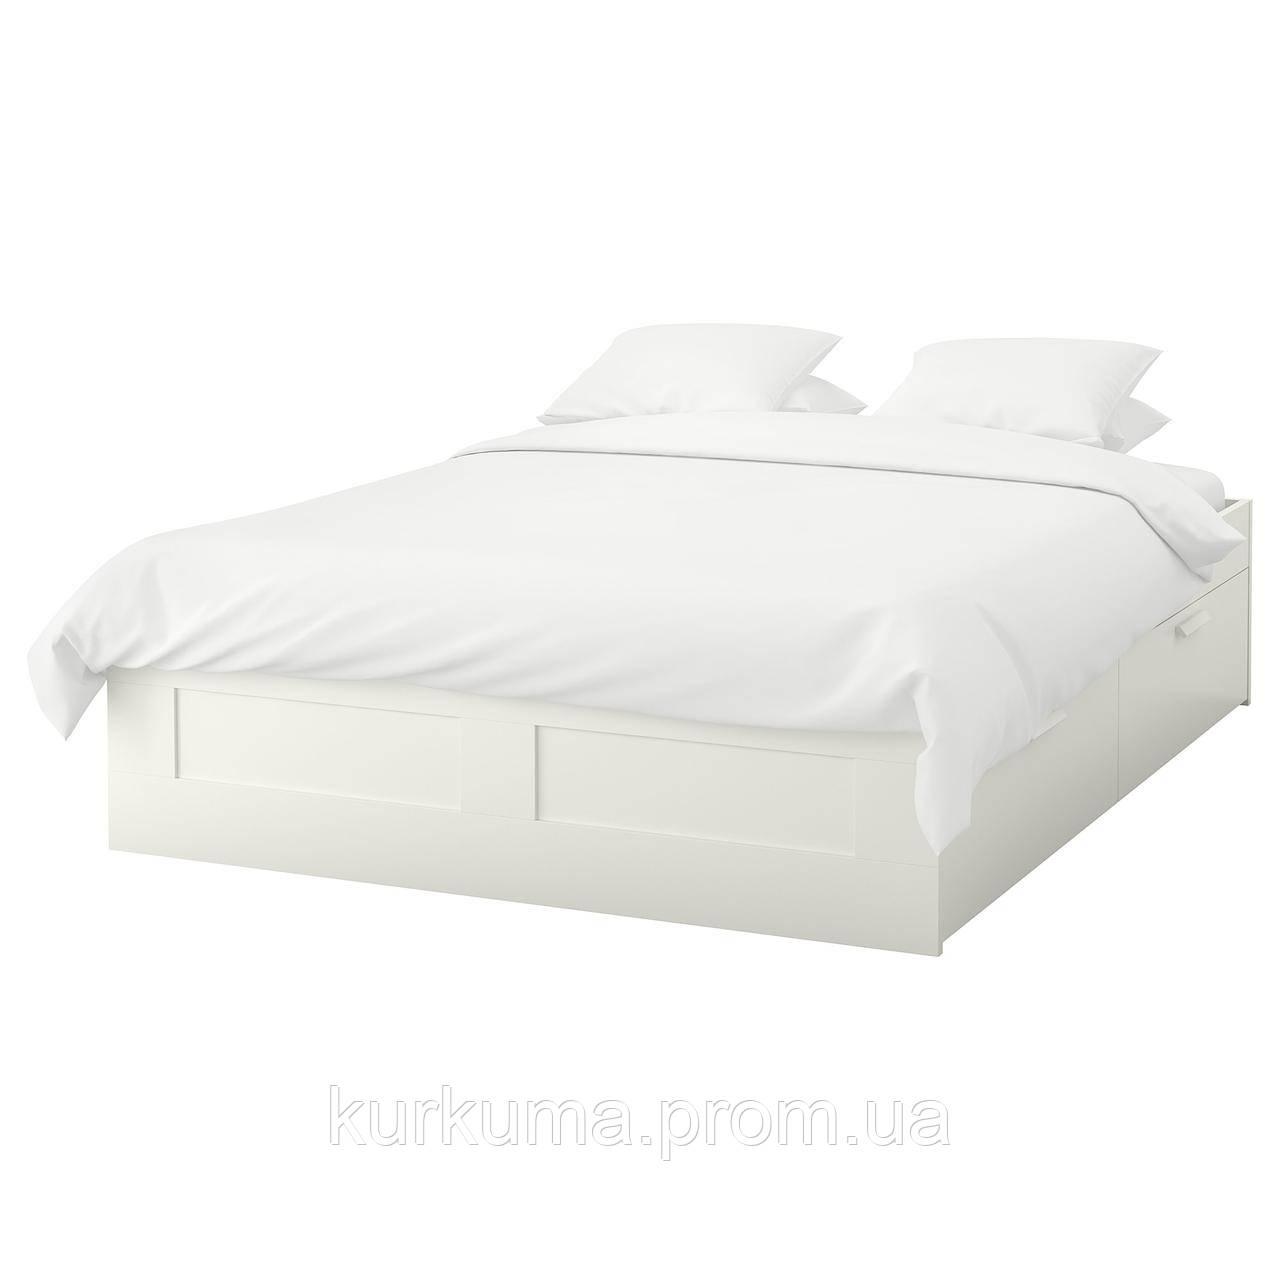 IKEA BRIMNES Кровать с ящиками, белый  (799.029.35)